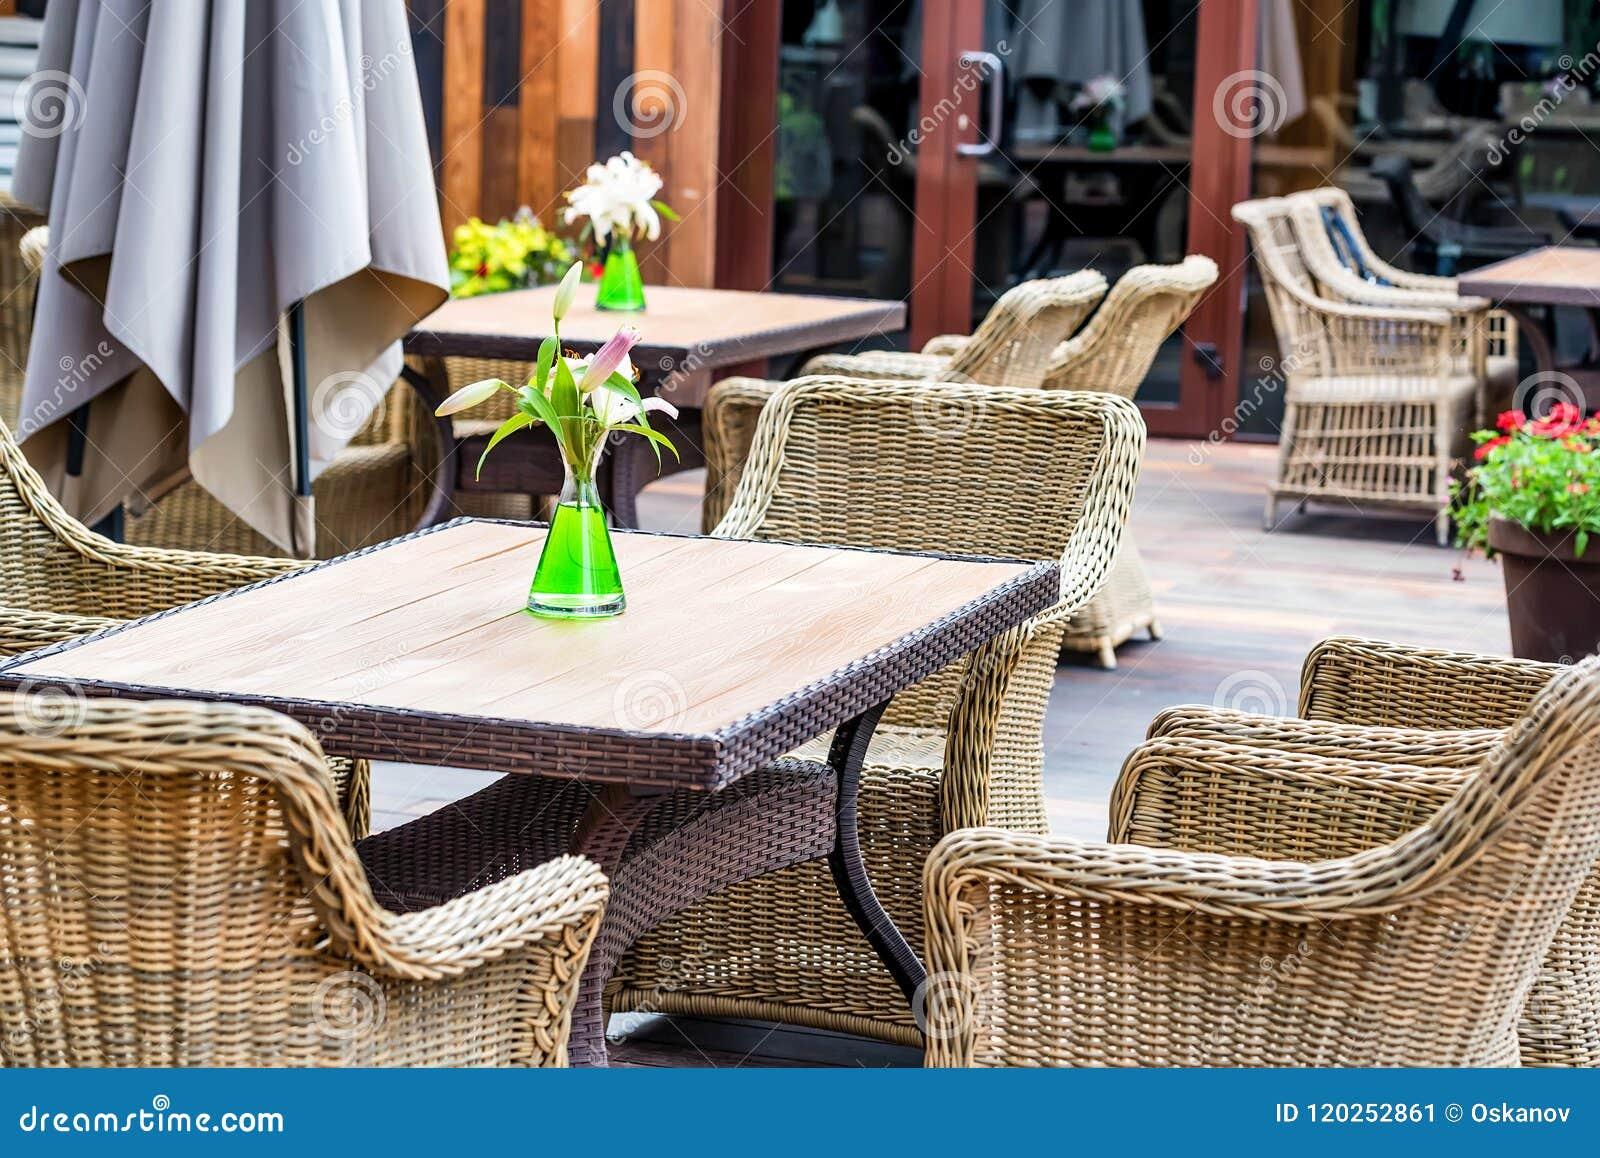 Внешний интерьер ресторана с плетеными стульями